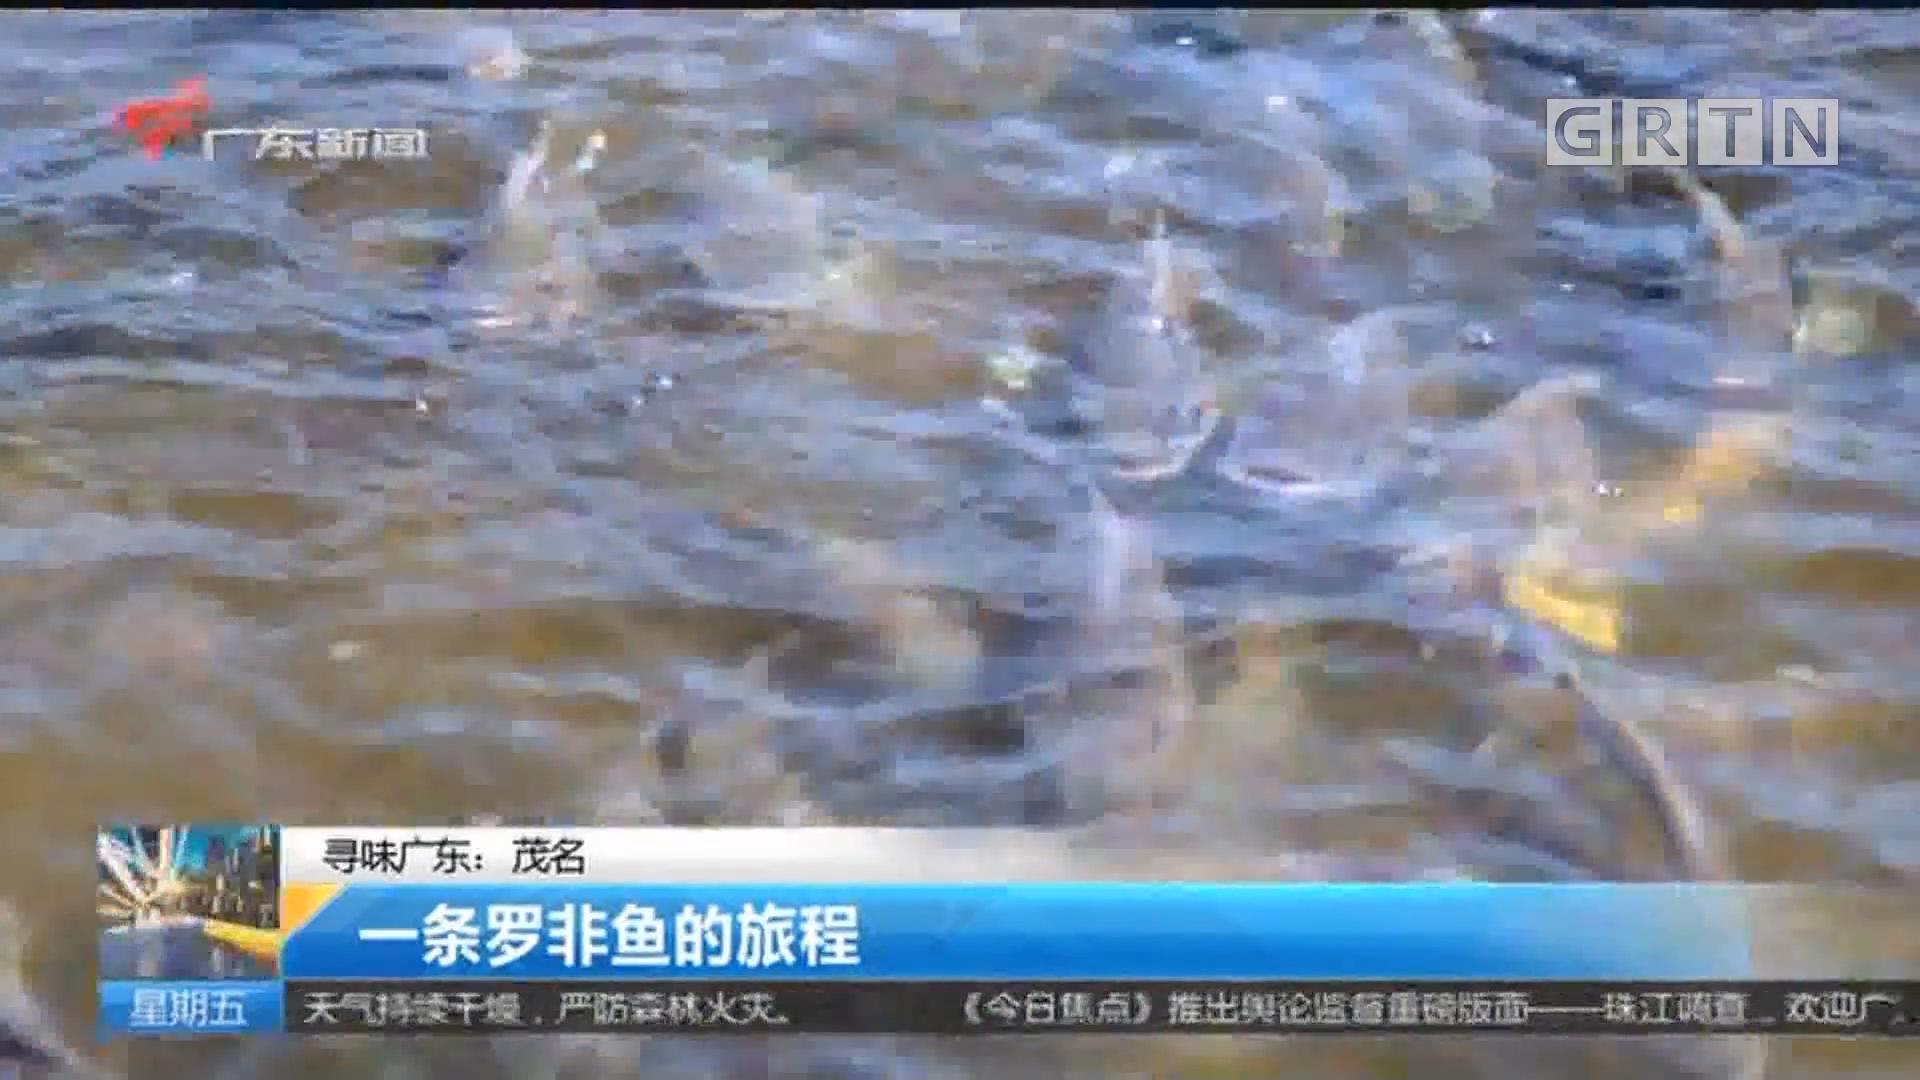 寻味广东:茂名 一条罗非鱼的旅程